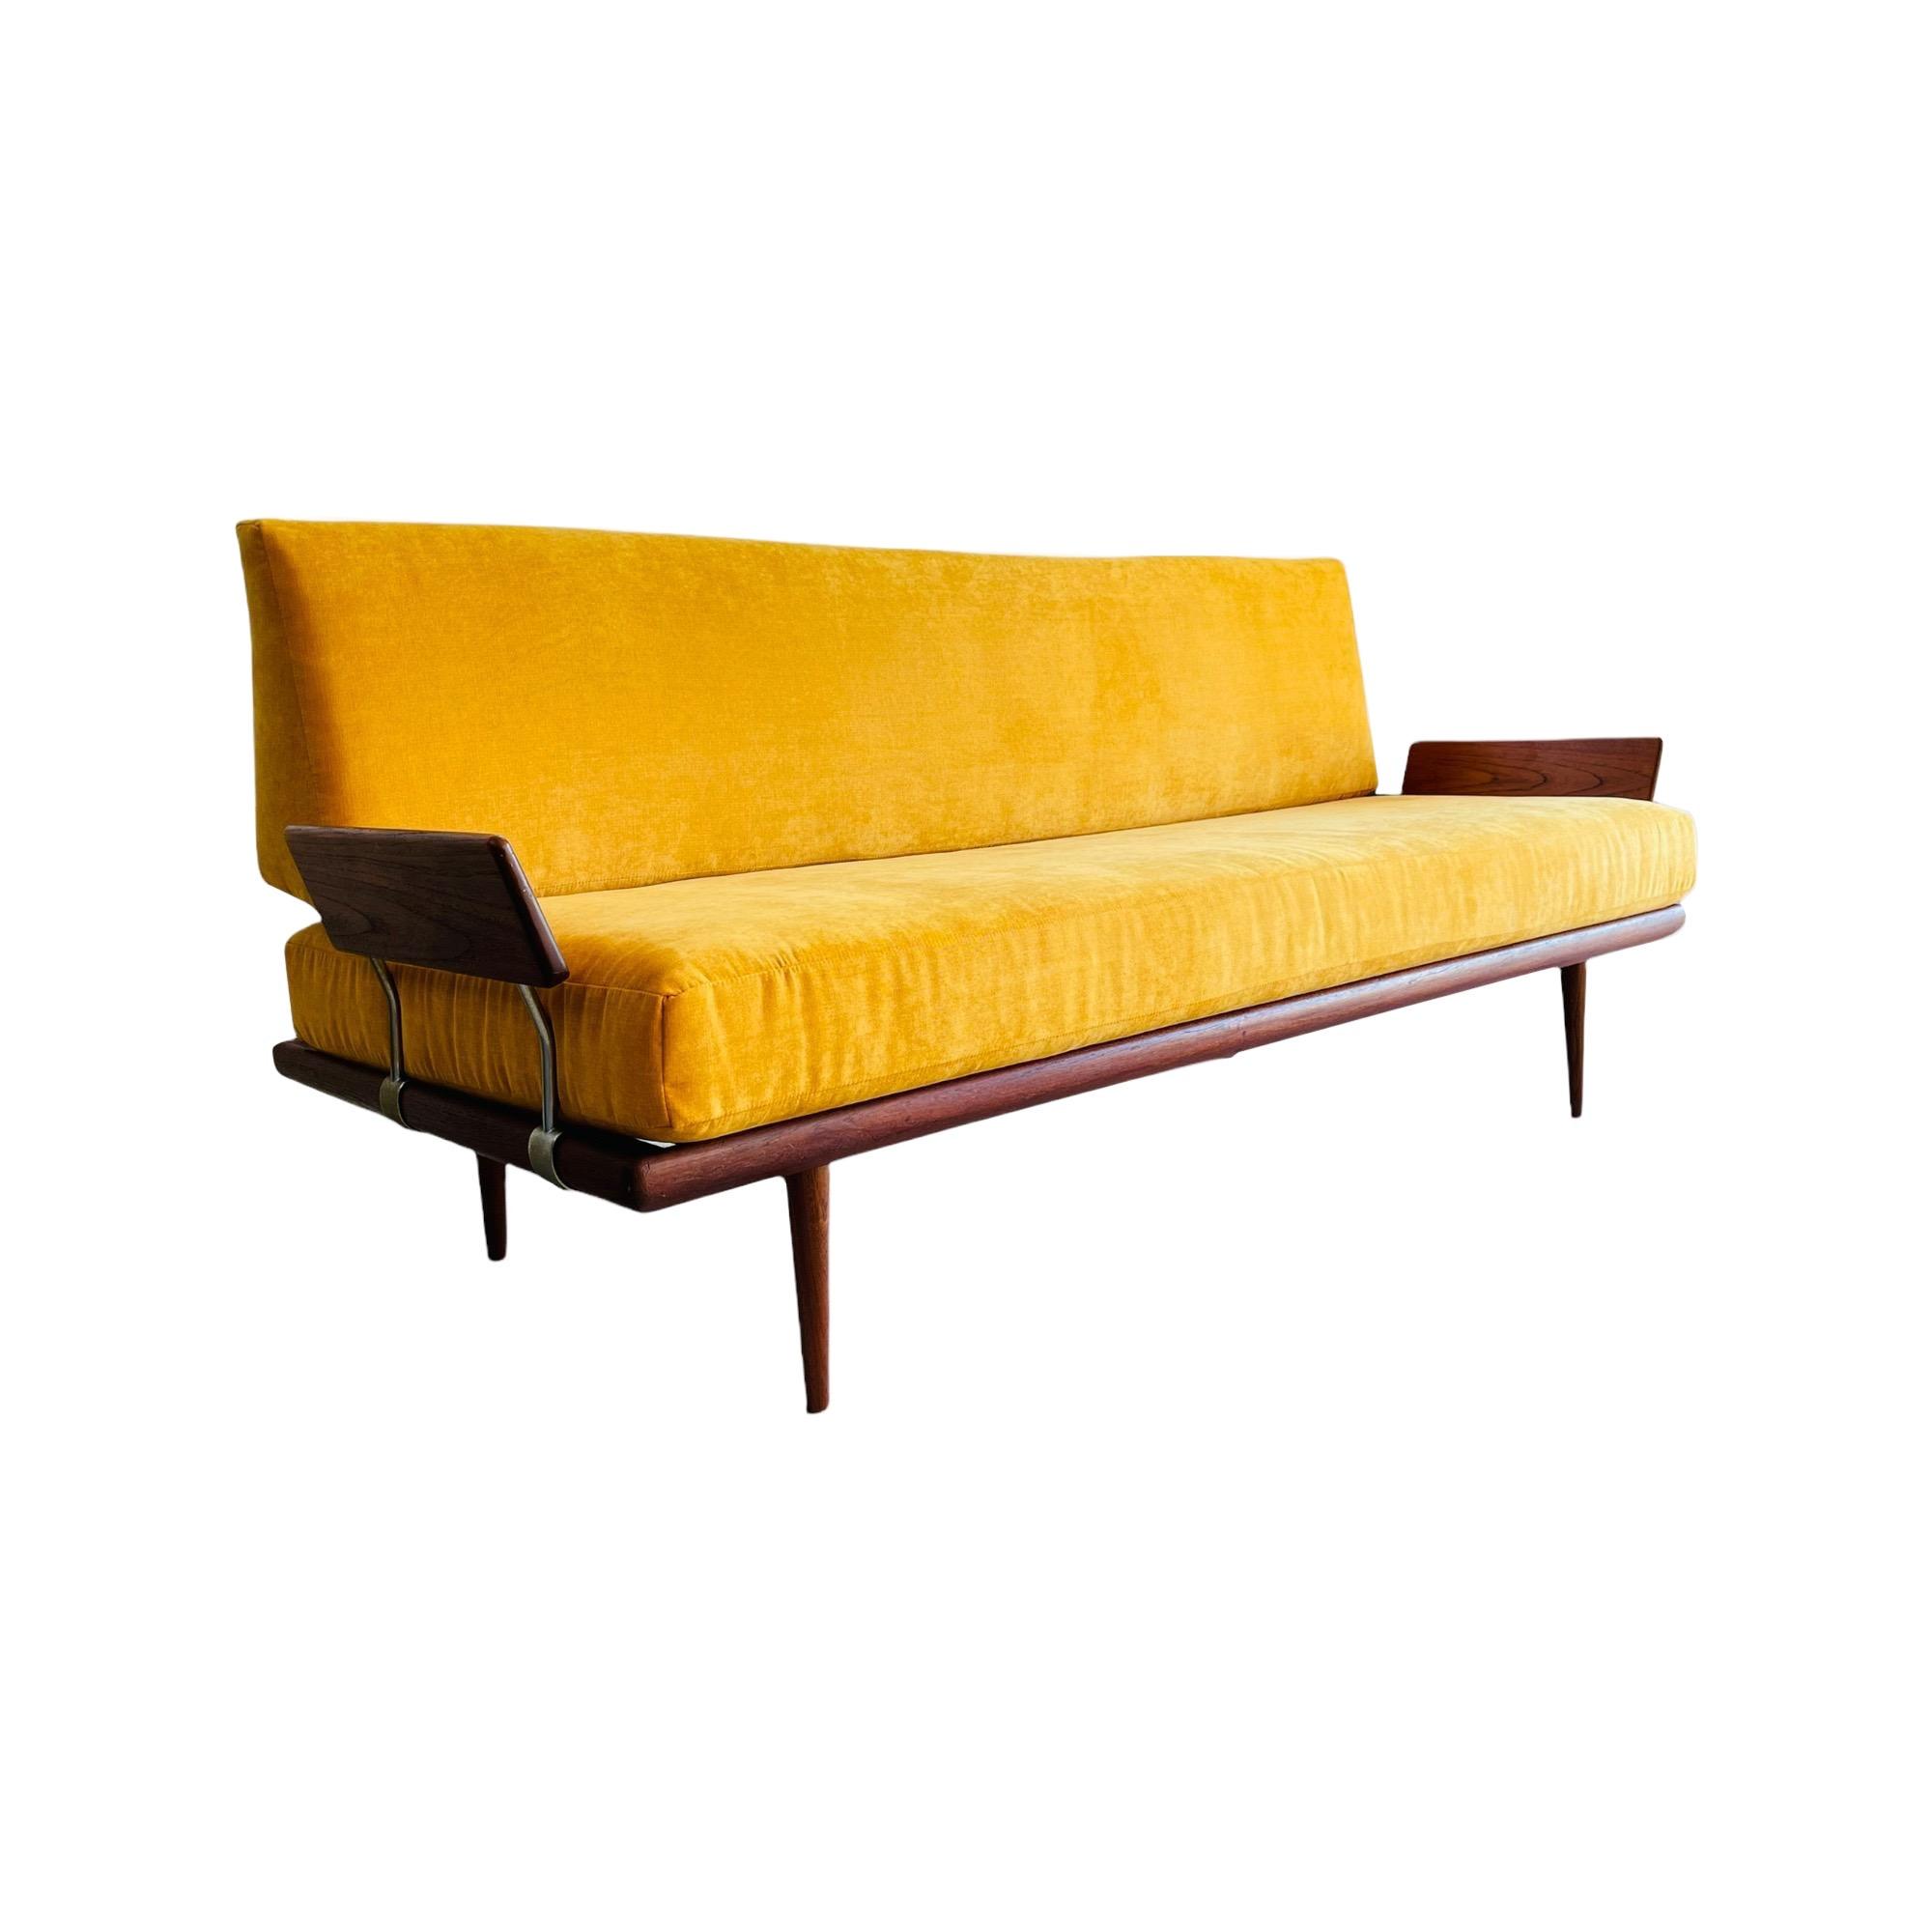 Danish Modern Teak Daybed / Sofa by Peter Hvidt for John Stuart 20th Century